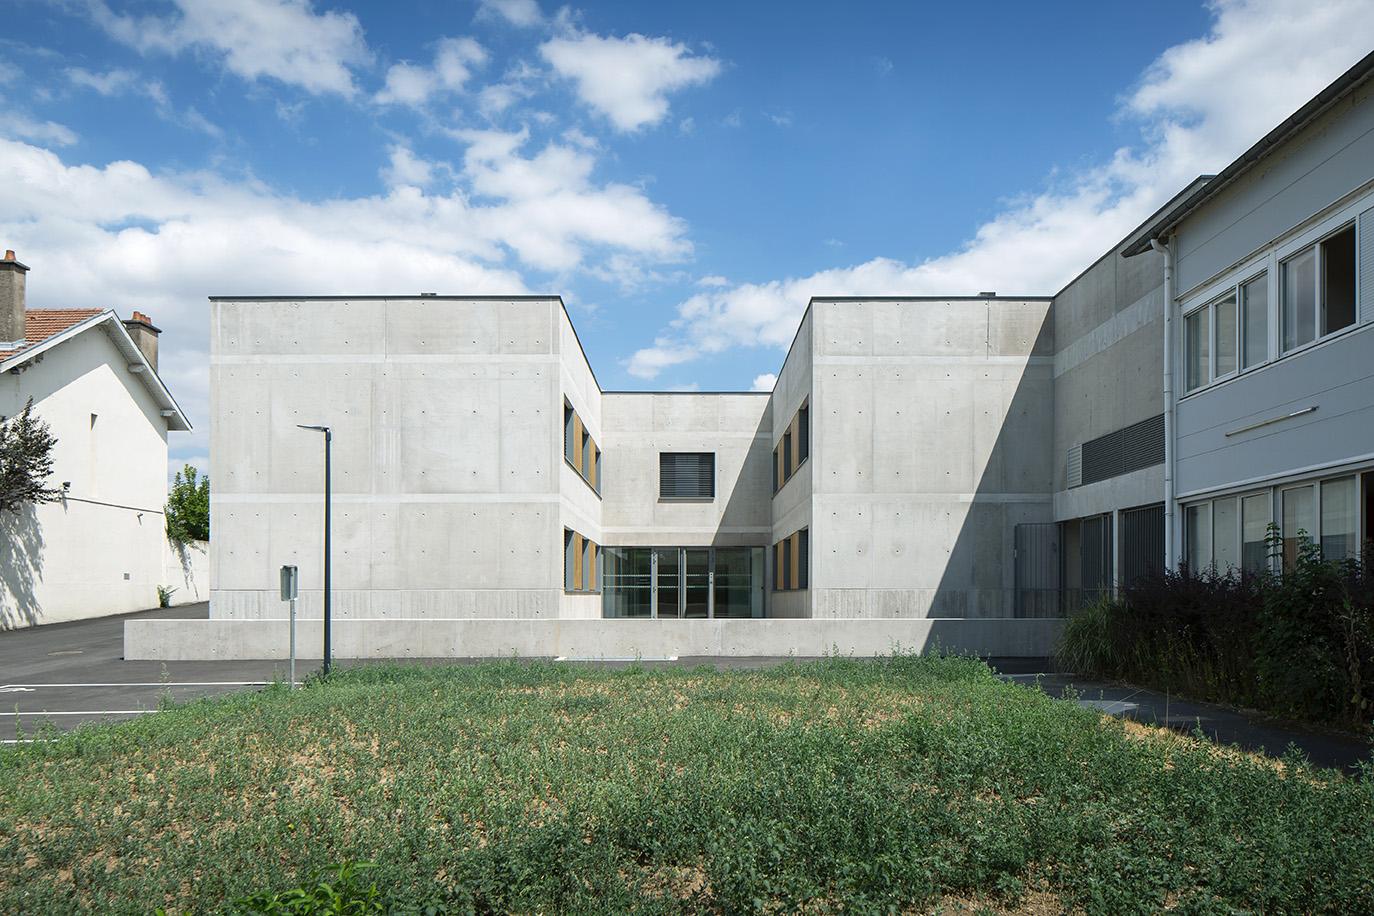 Architecte D Interieur Moselle vulcano + gibello | architectes à nancy, lorraine – la